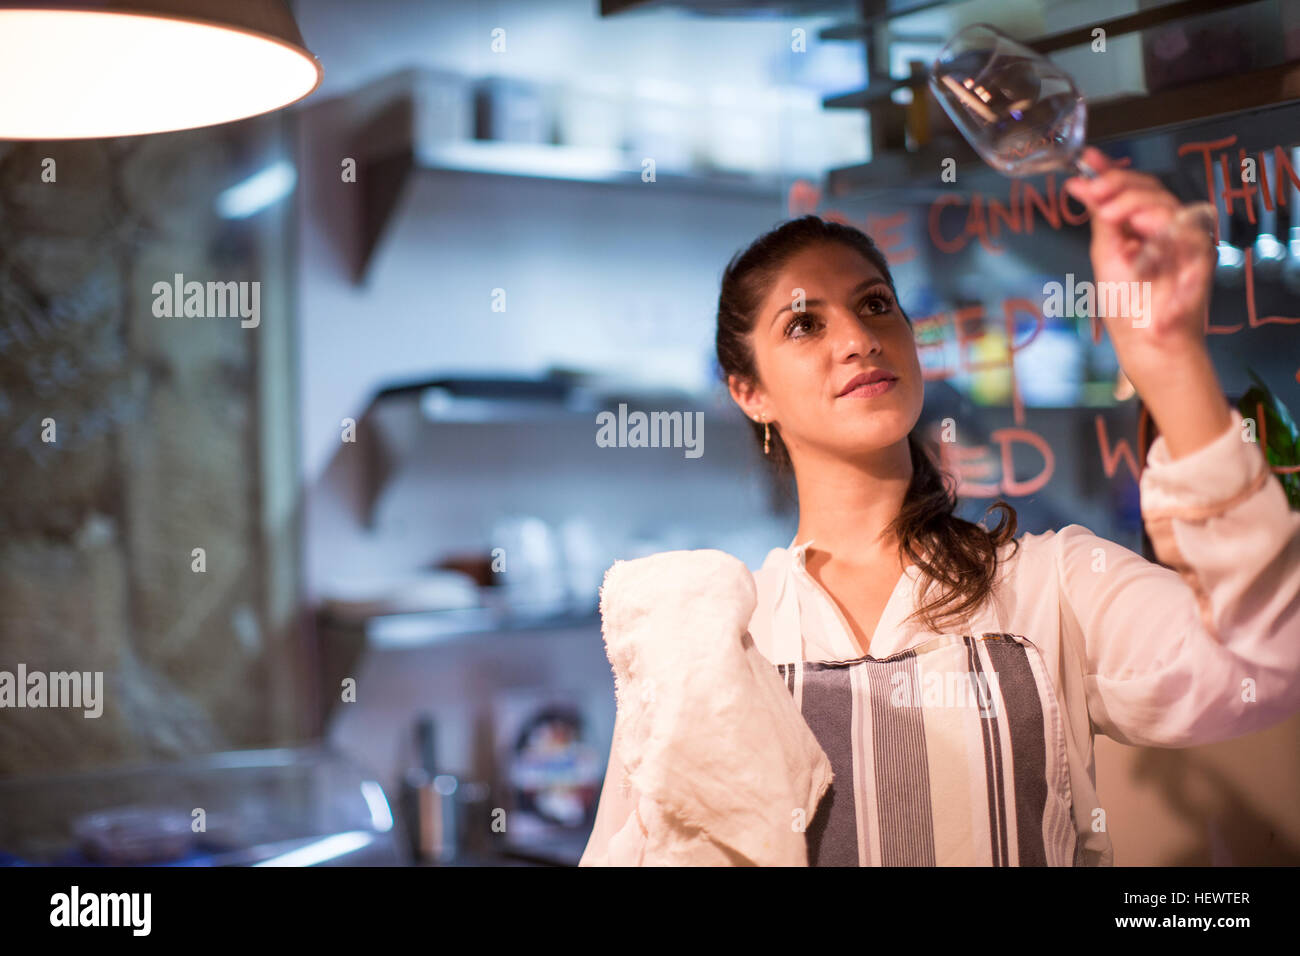 Restaurant Besitzer überprüfen Wein Glas in der Küche Stockfoto